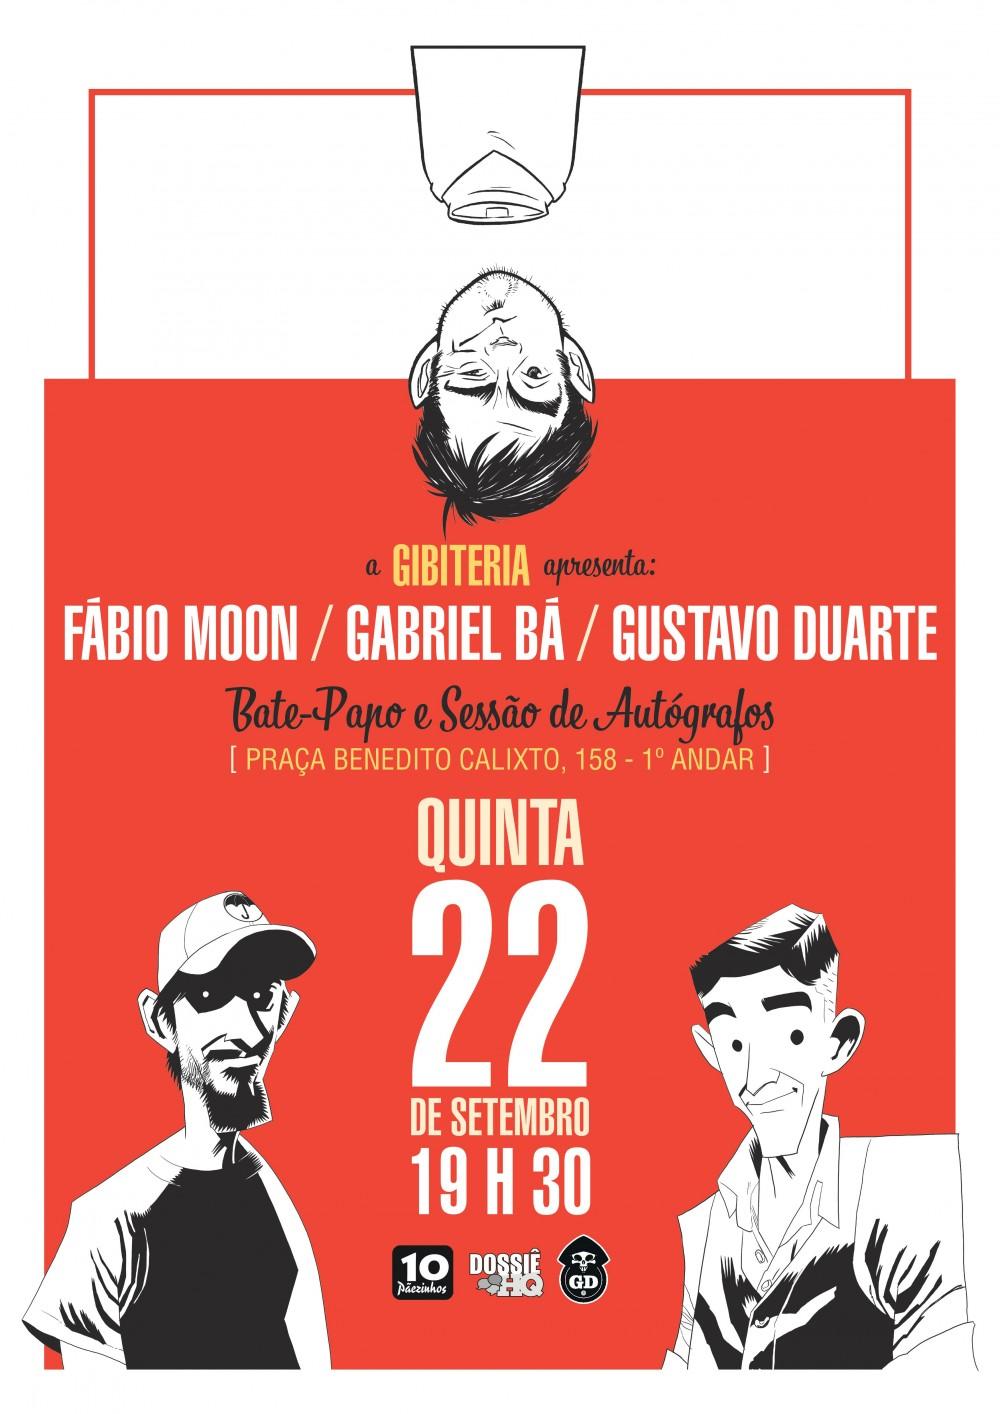 Um encontro com Fábio Moon, Gabriel Bá e Gustavo Duarte na Gibiteria